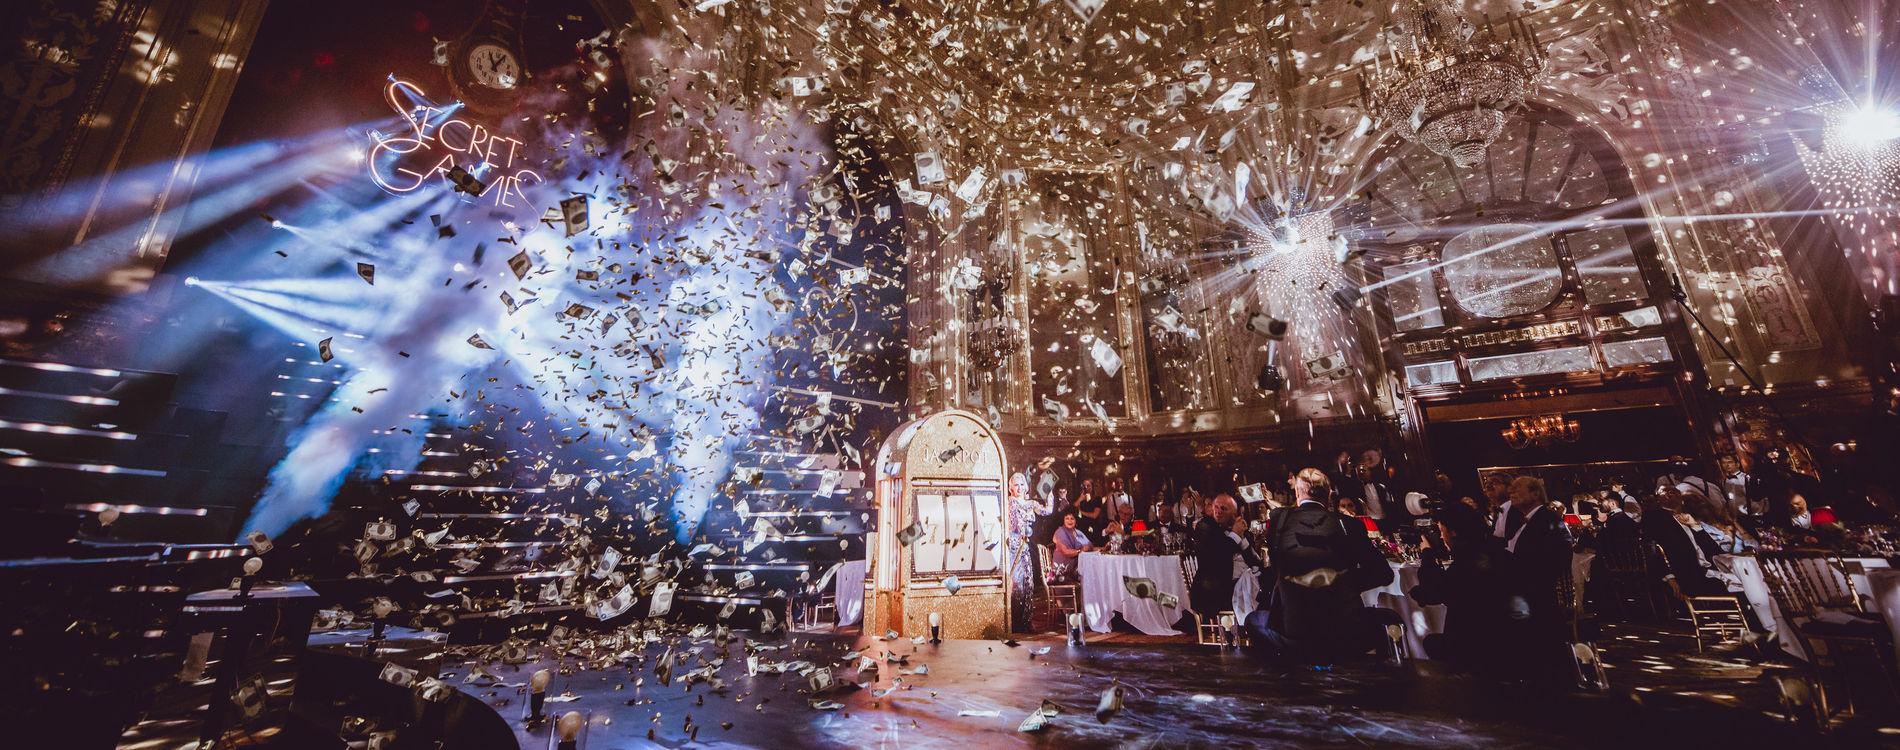 Les plus belles soirées à Monaco